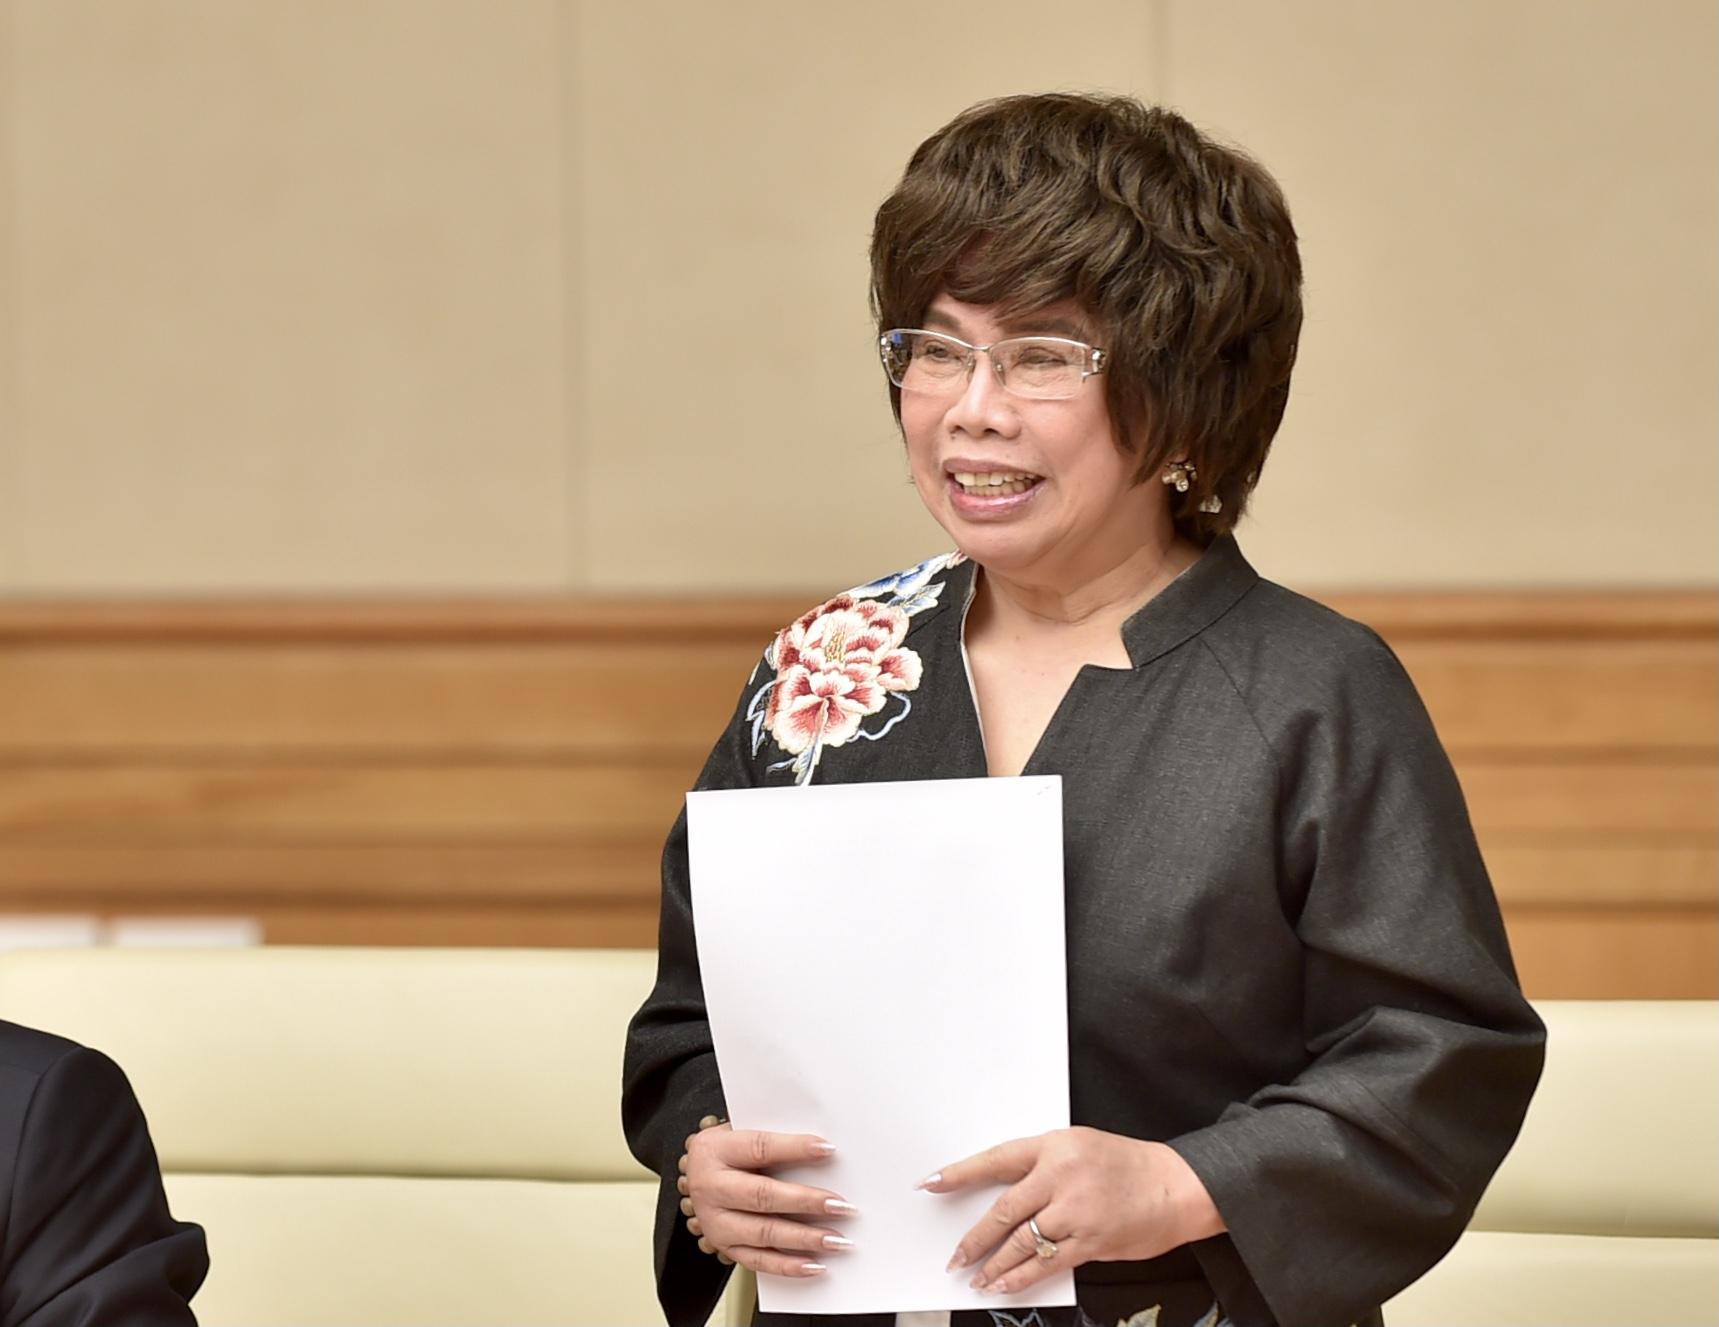 Bà Thái Hương: Hình ảnh áo Thủ tướng đẫm mồ hôi khi chỉ đạo phòng chống dịch… đã đánh thức chúng tôi nỗ lực vượt khó khăn, thách thức - Ảnh 1.